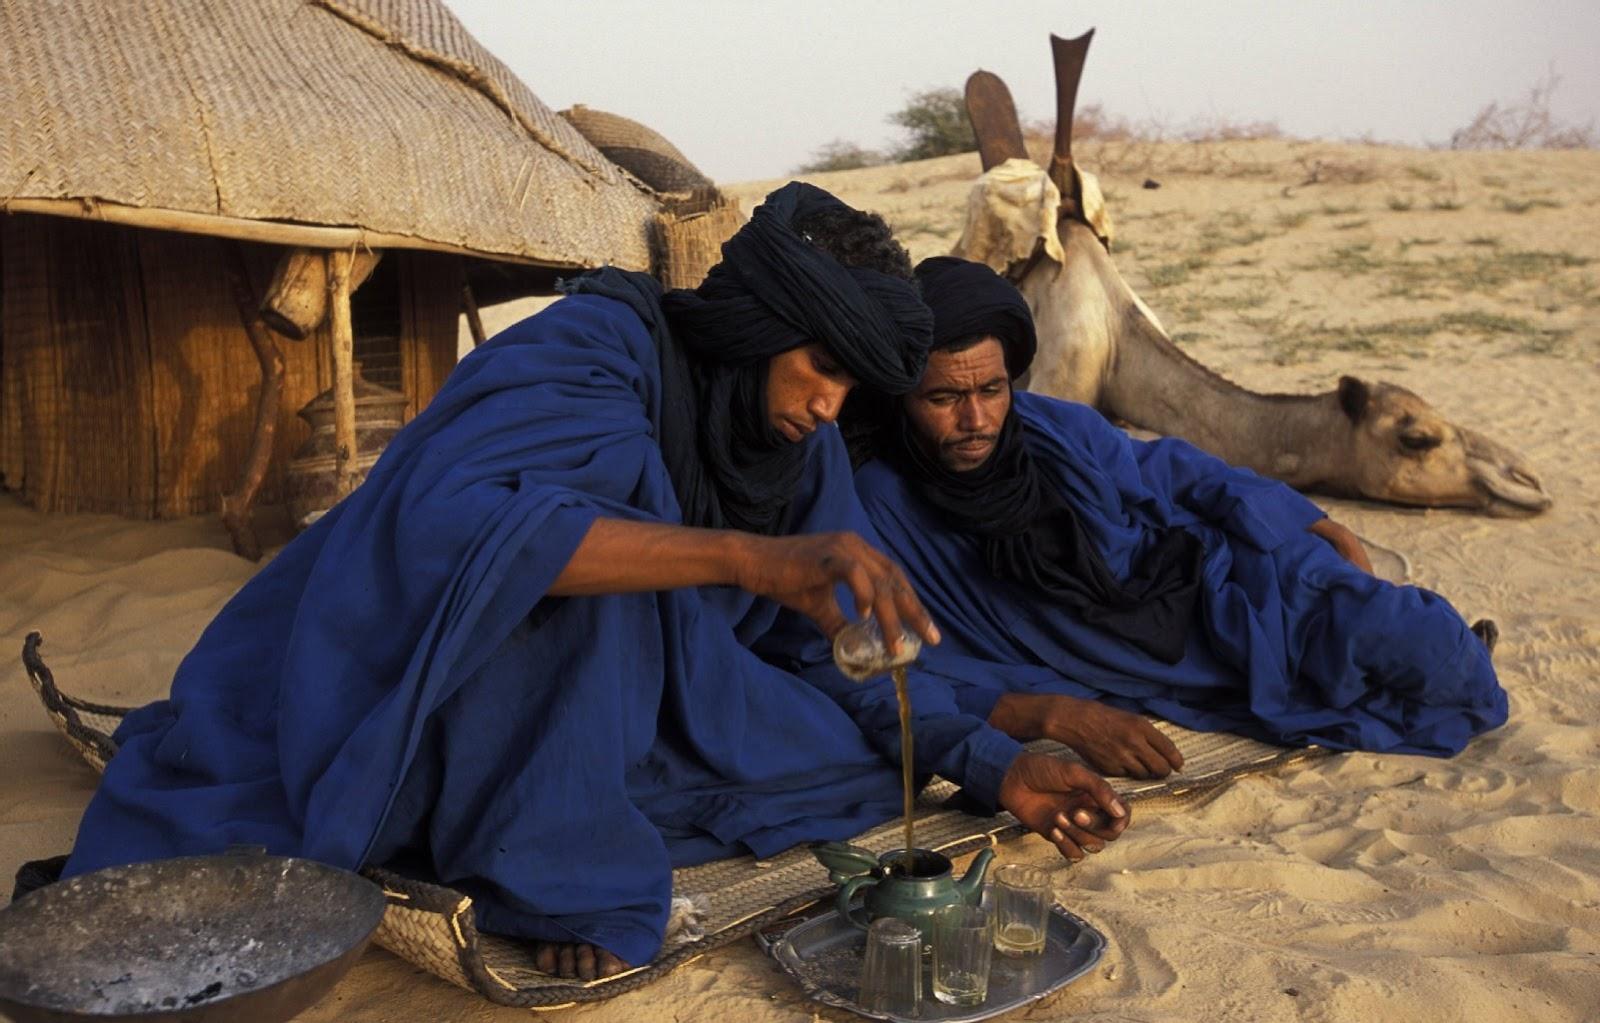 Туареги - воинственные кочевники Сахары, которых никто не мог покорить